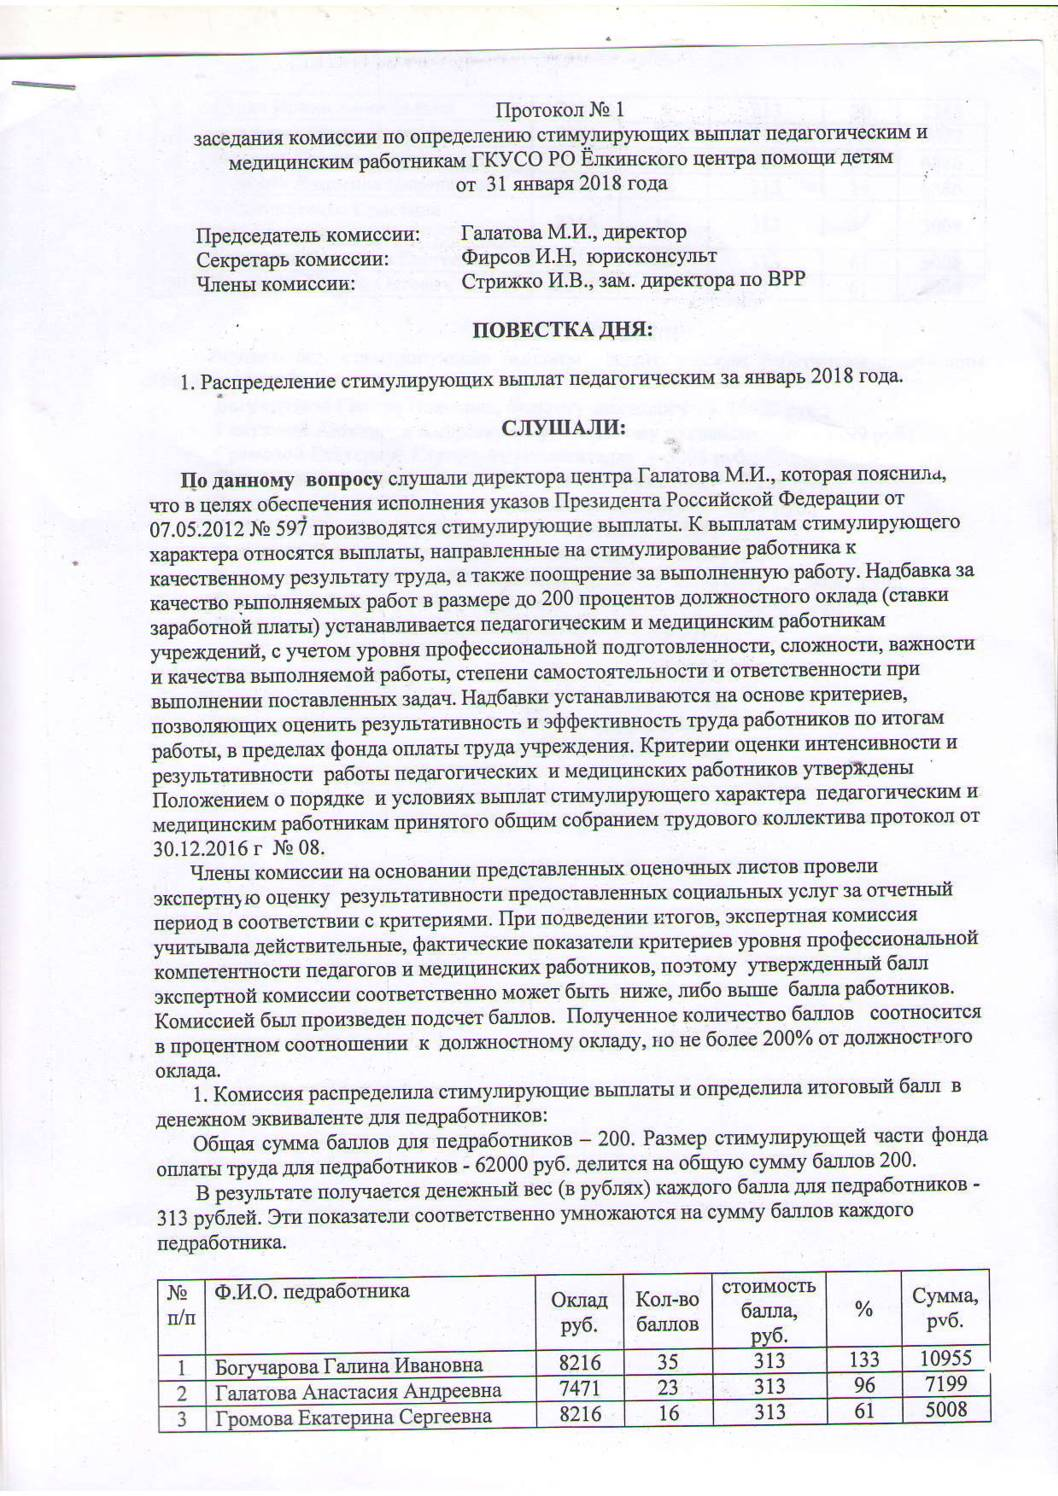 Протокол заседания комиссии по определению стимулирующих выплат педагогическим и медицинским работникам №1 от 31.01.2018